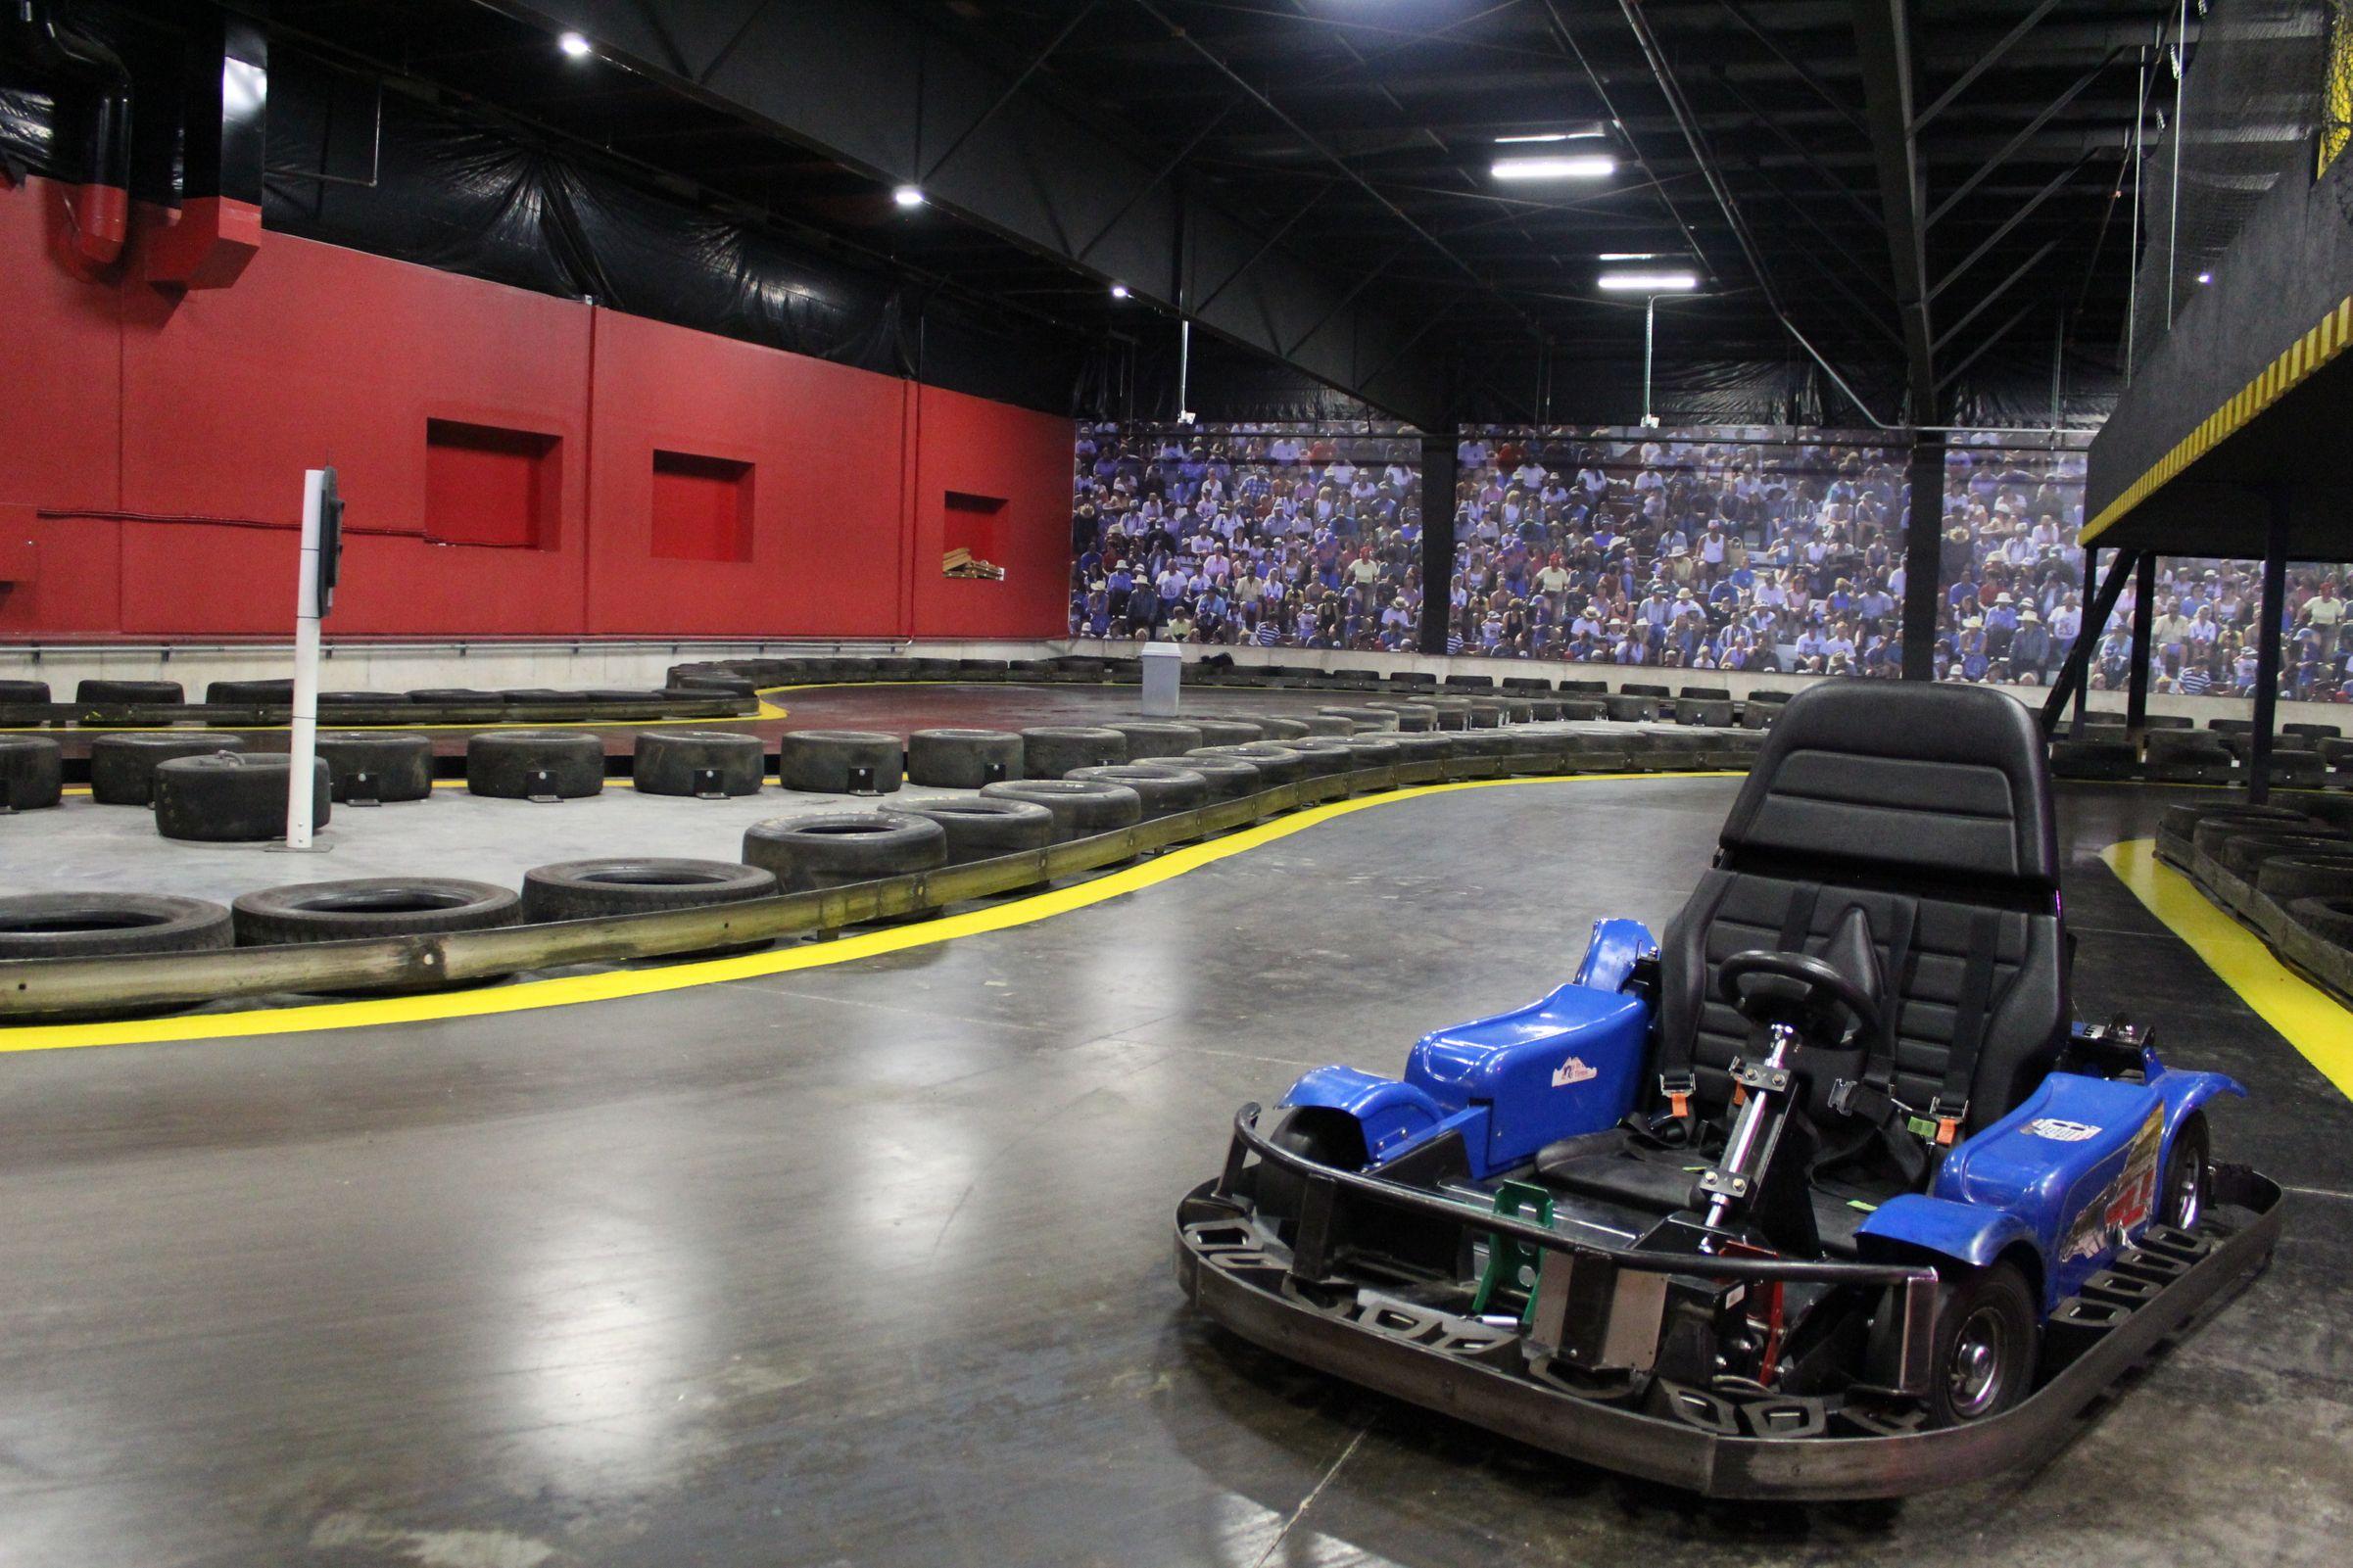 Go Kart - Inside - Car Only - Alt View 3.JPG